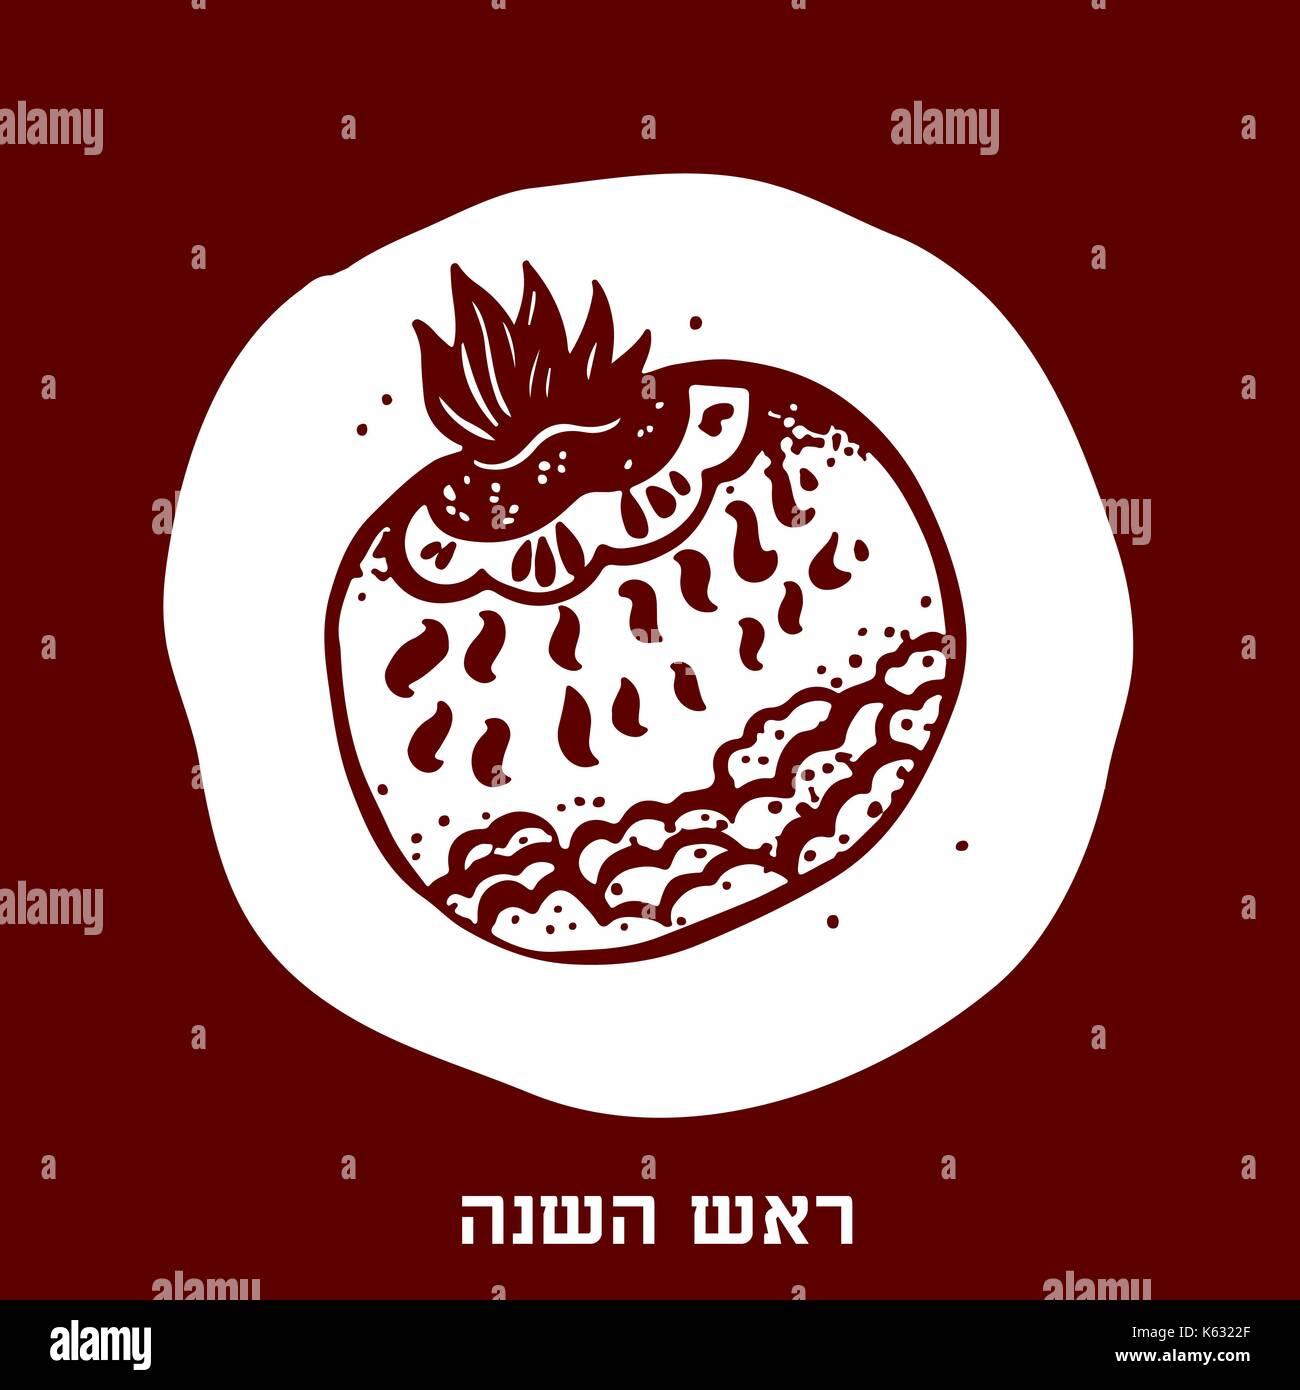 Rosh hashana jewish new year greeting card with abstract stock rosh hashana jewish new year greeting card with abstract pomegranate symbol of sweet good life m4hsunfo